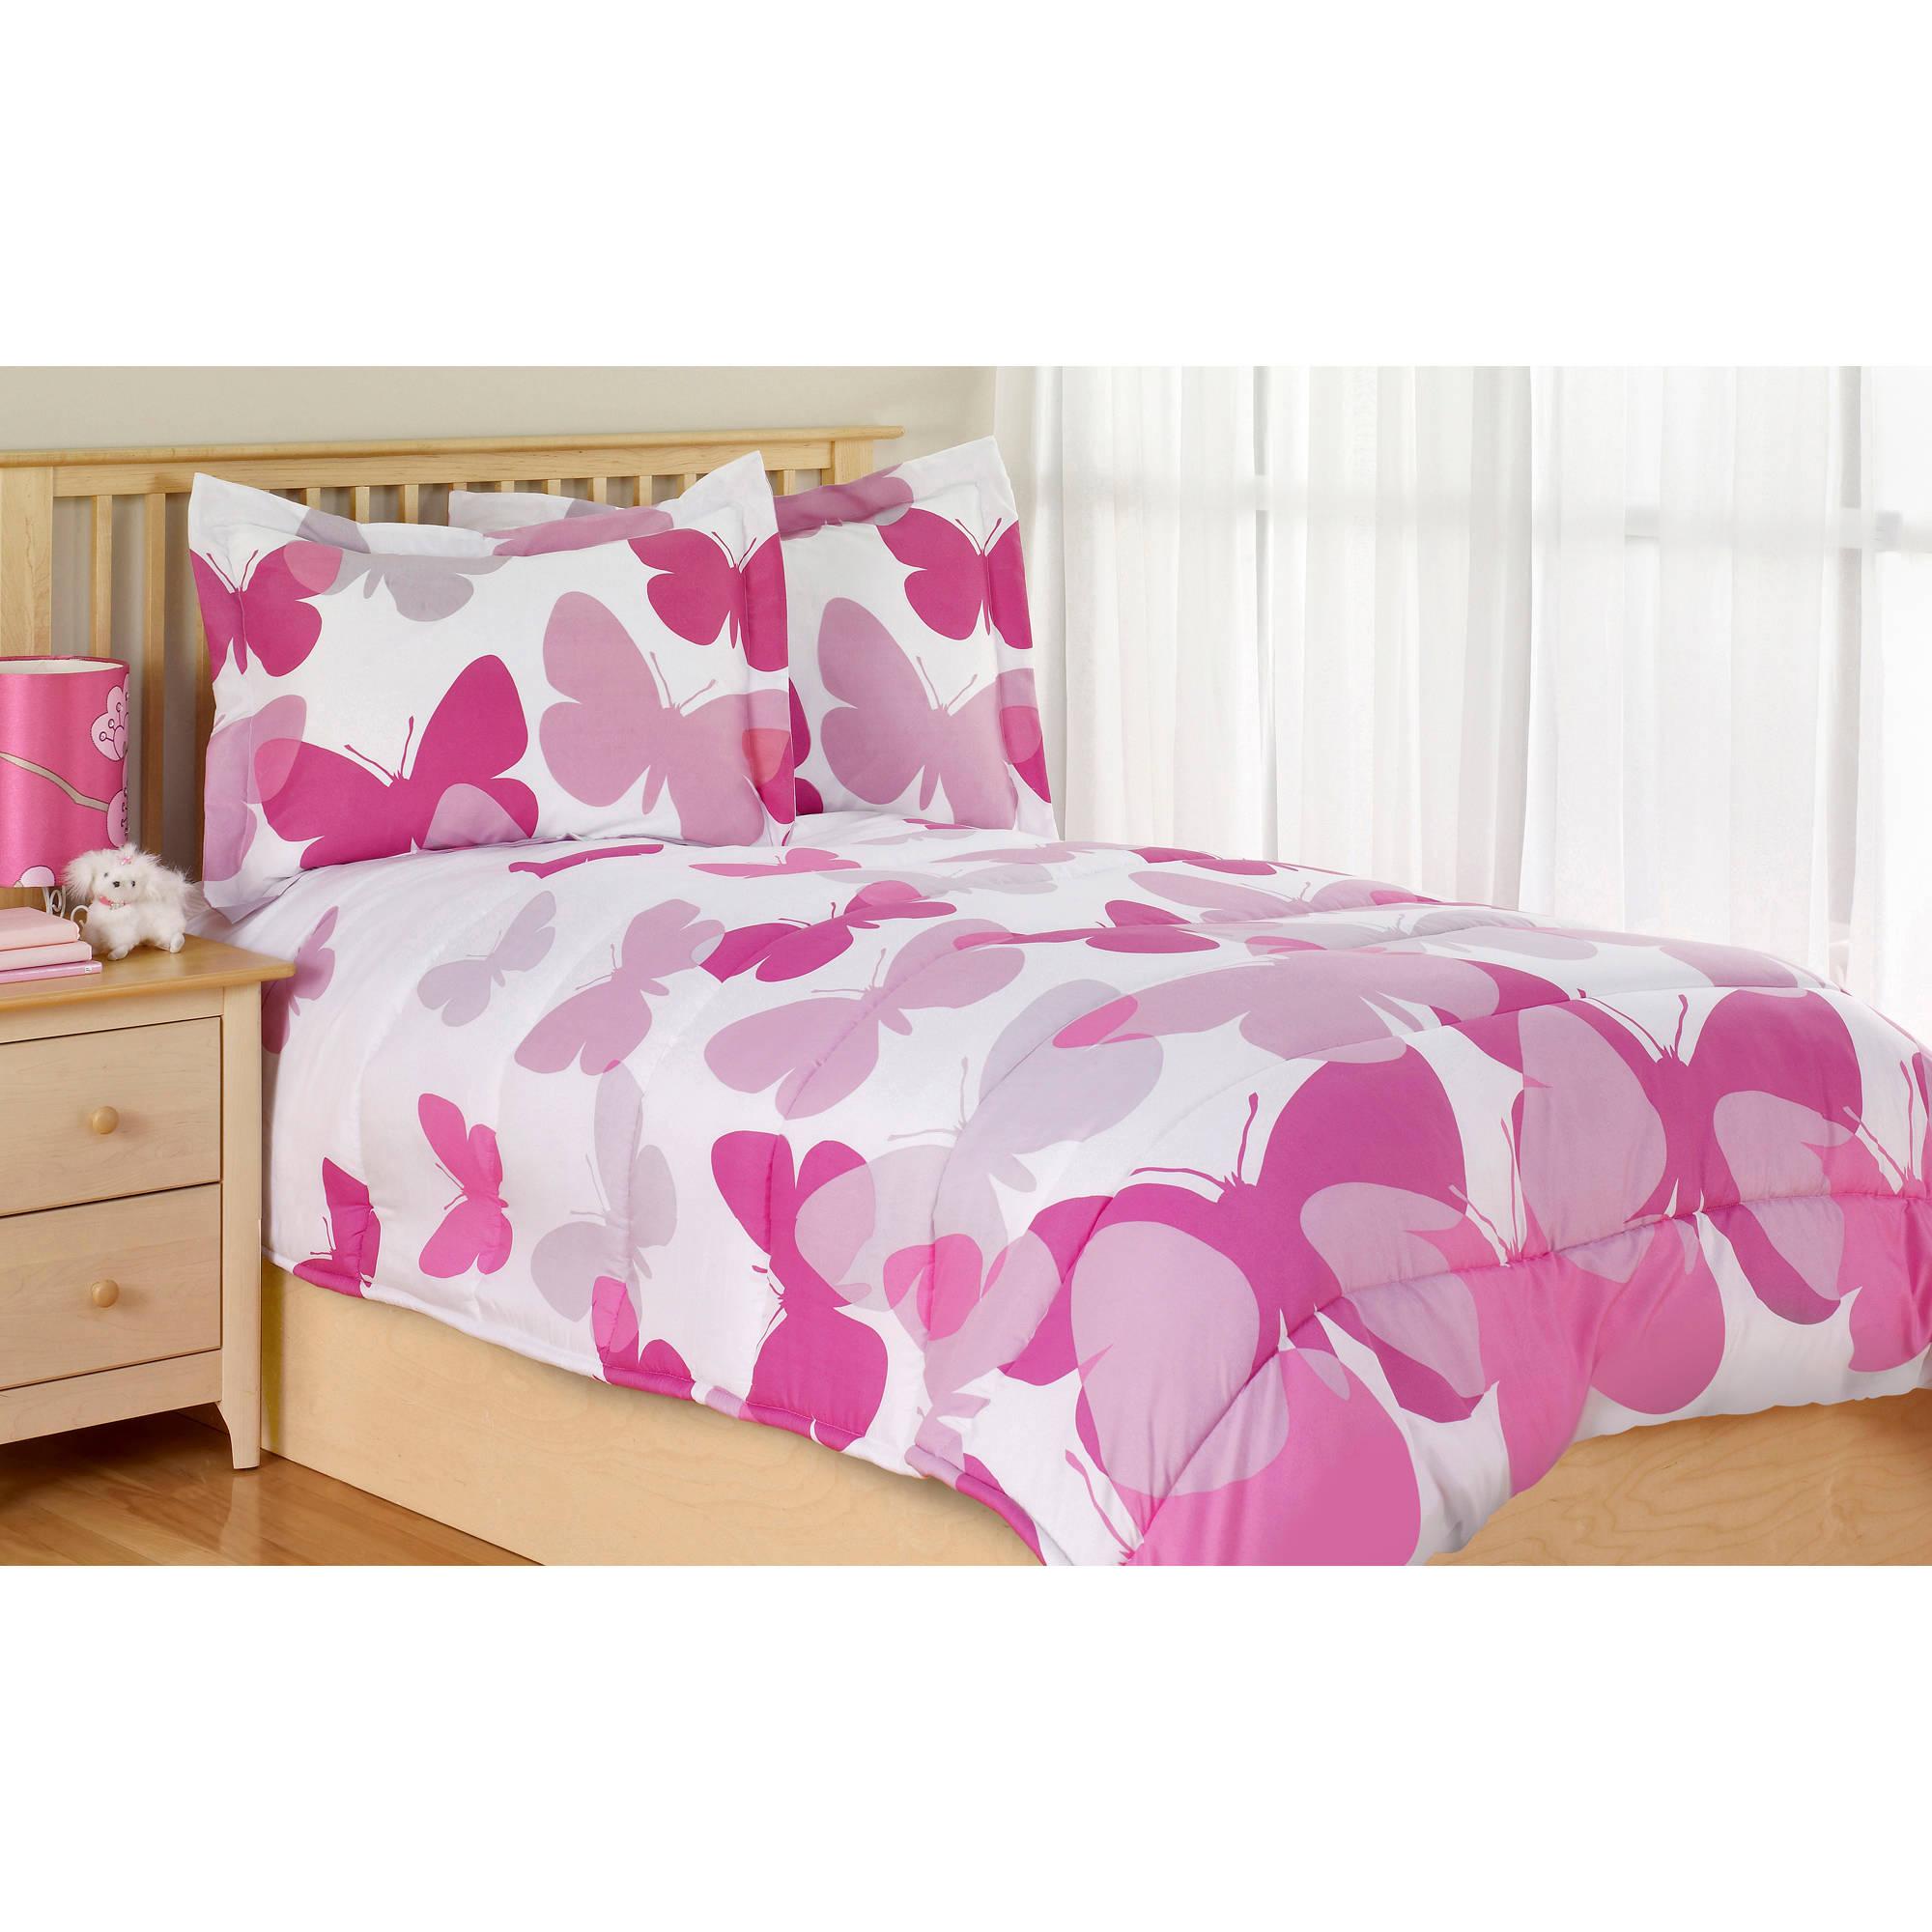 Beco Industries Lp Kids Butterflies Comforter Set